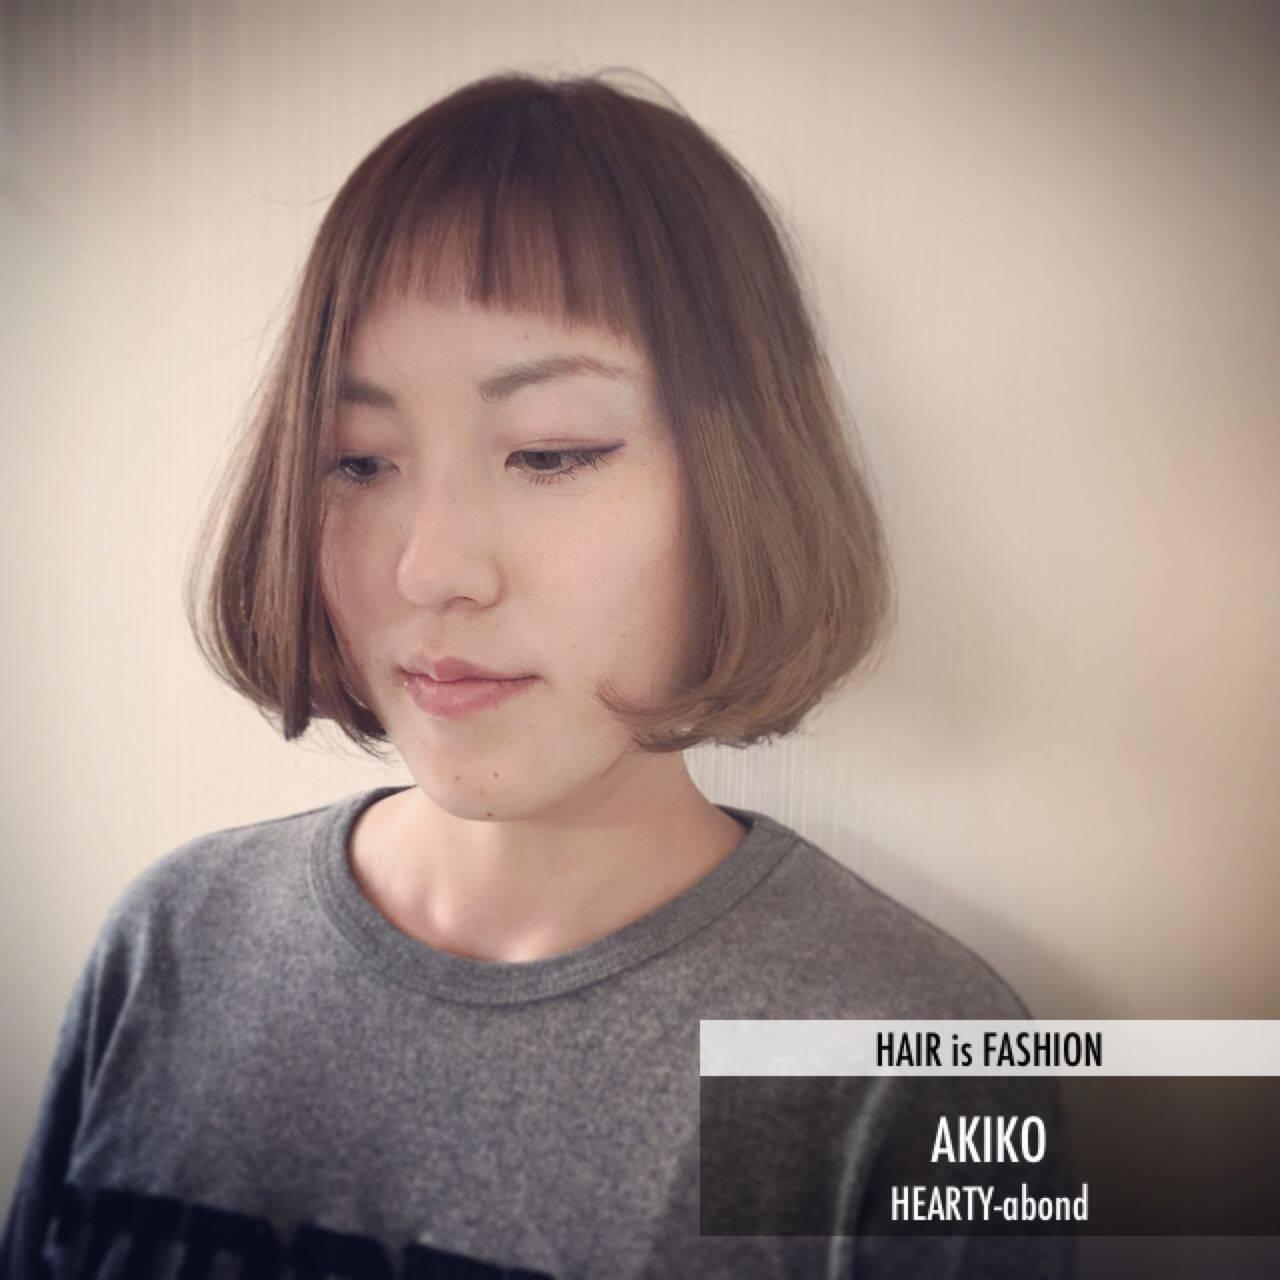 ナチュラル ストリート ボブ ダブルバングヘアスタイルや髪型の写真・画像